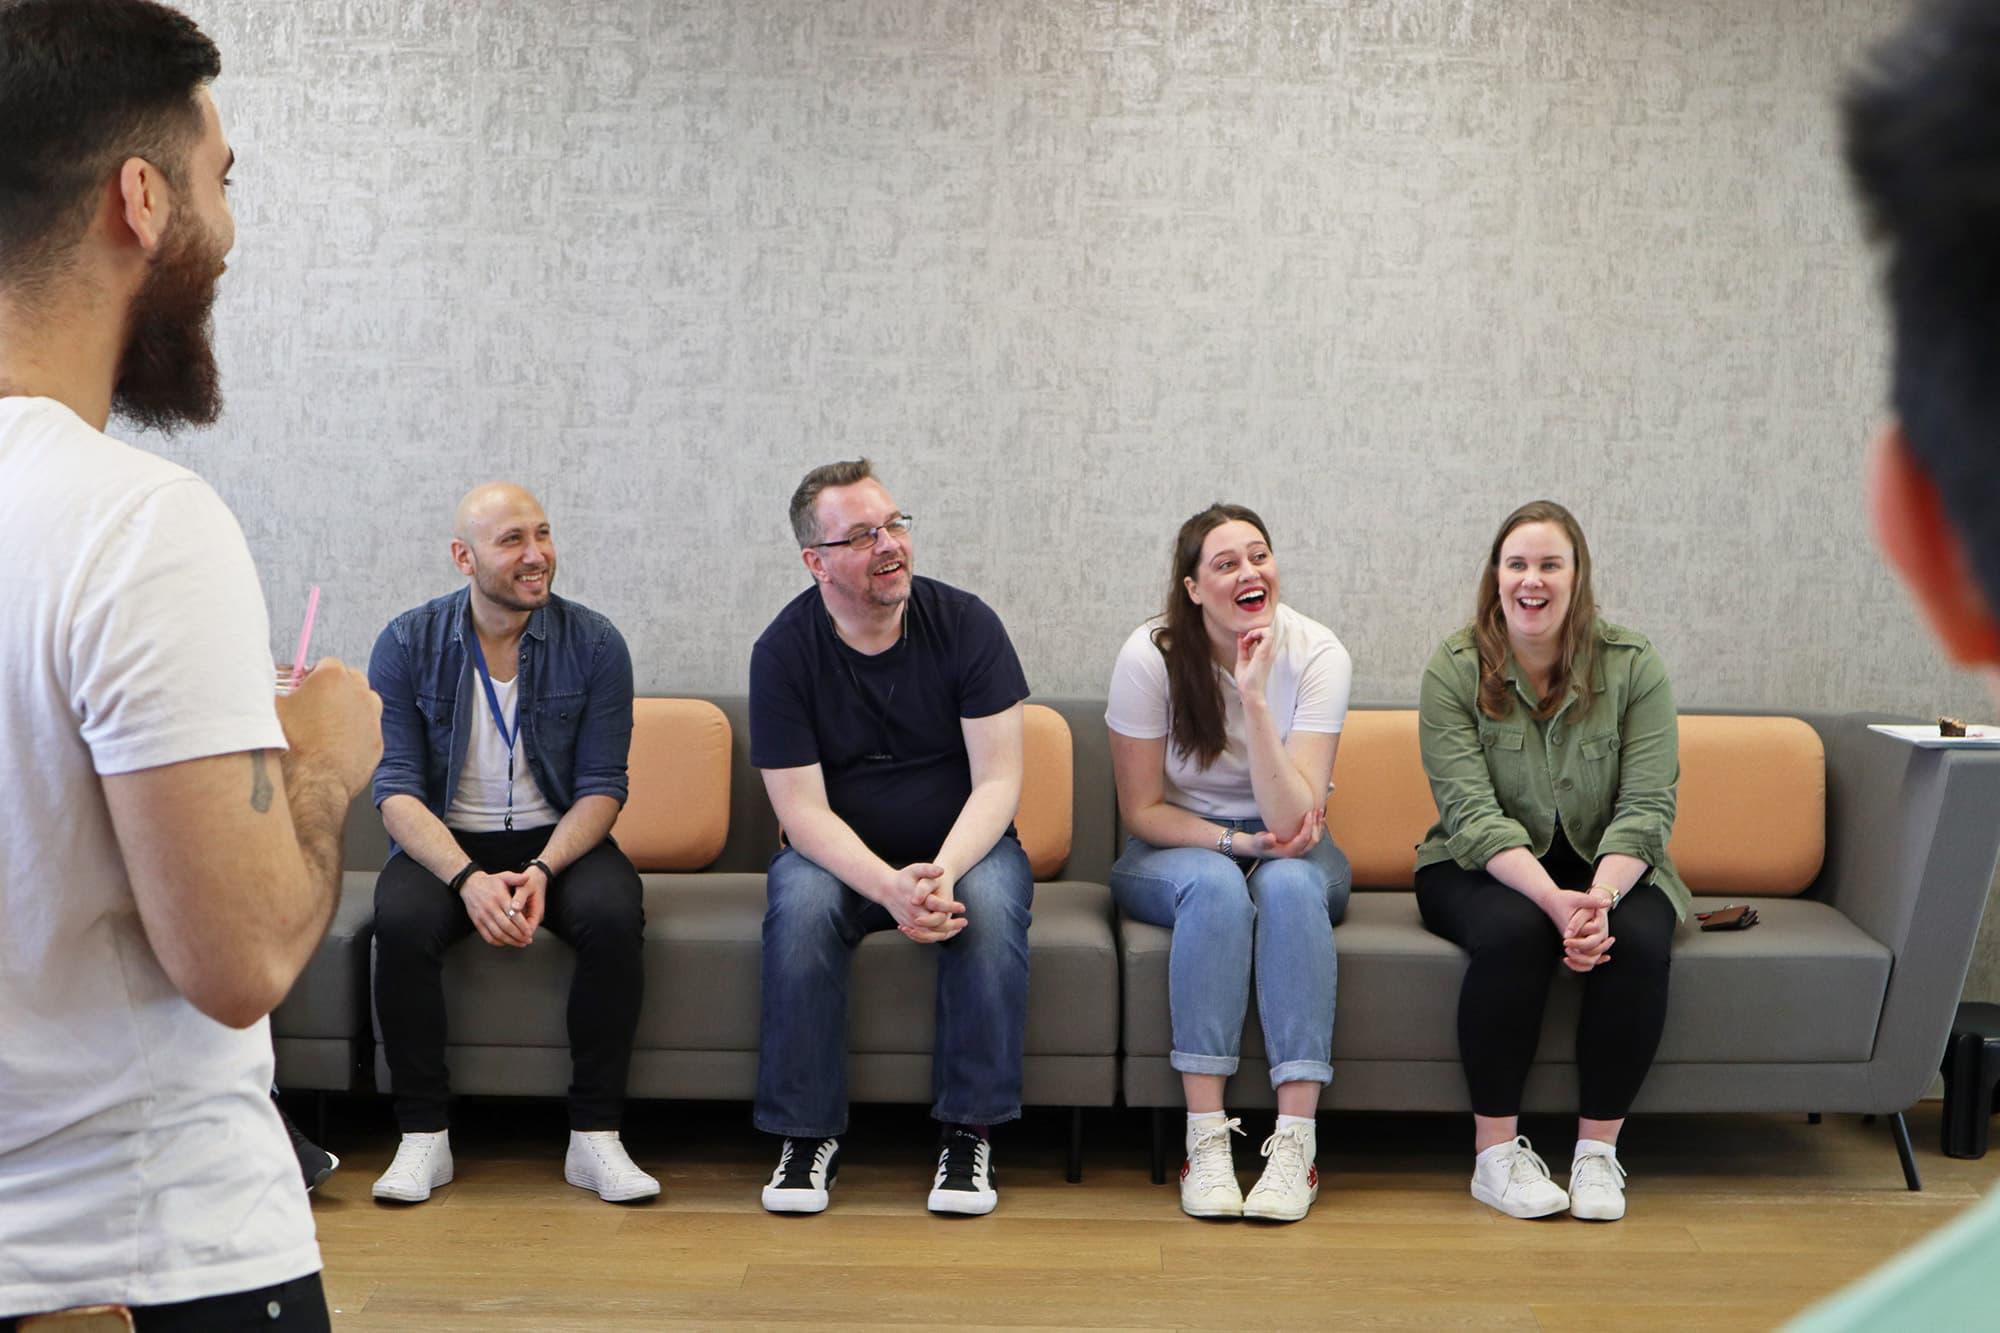 Sendible team members of a sofa, laughing